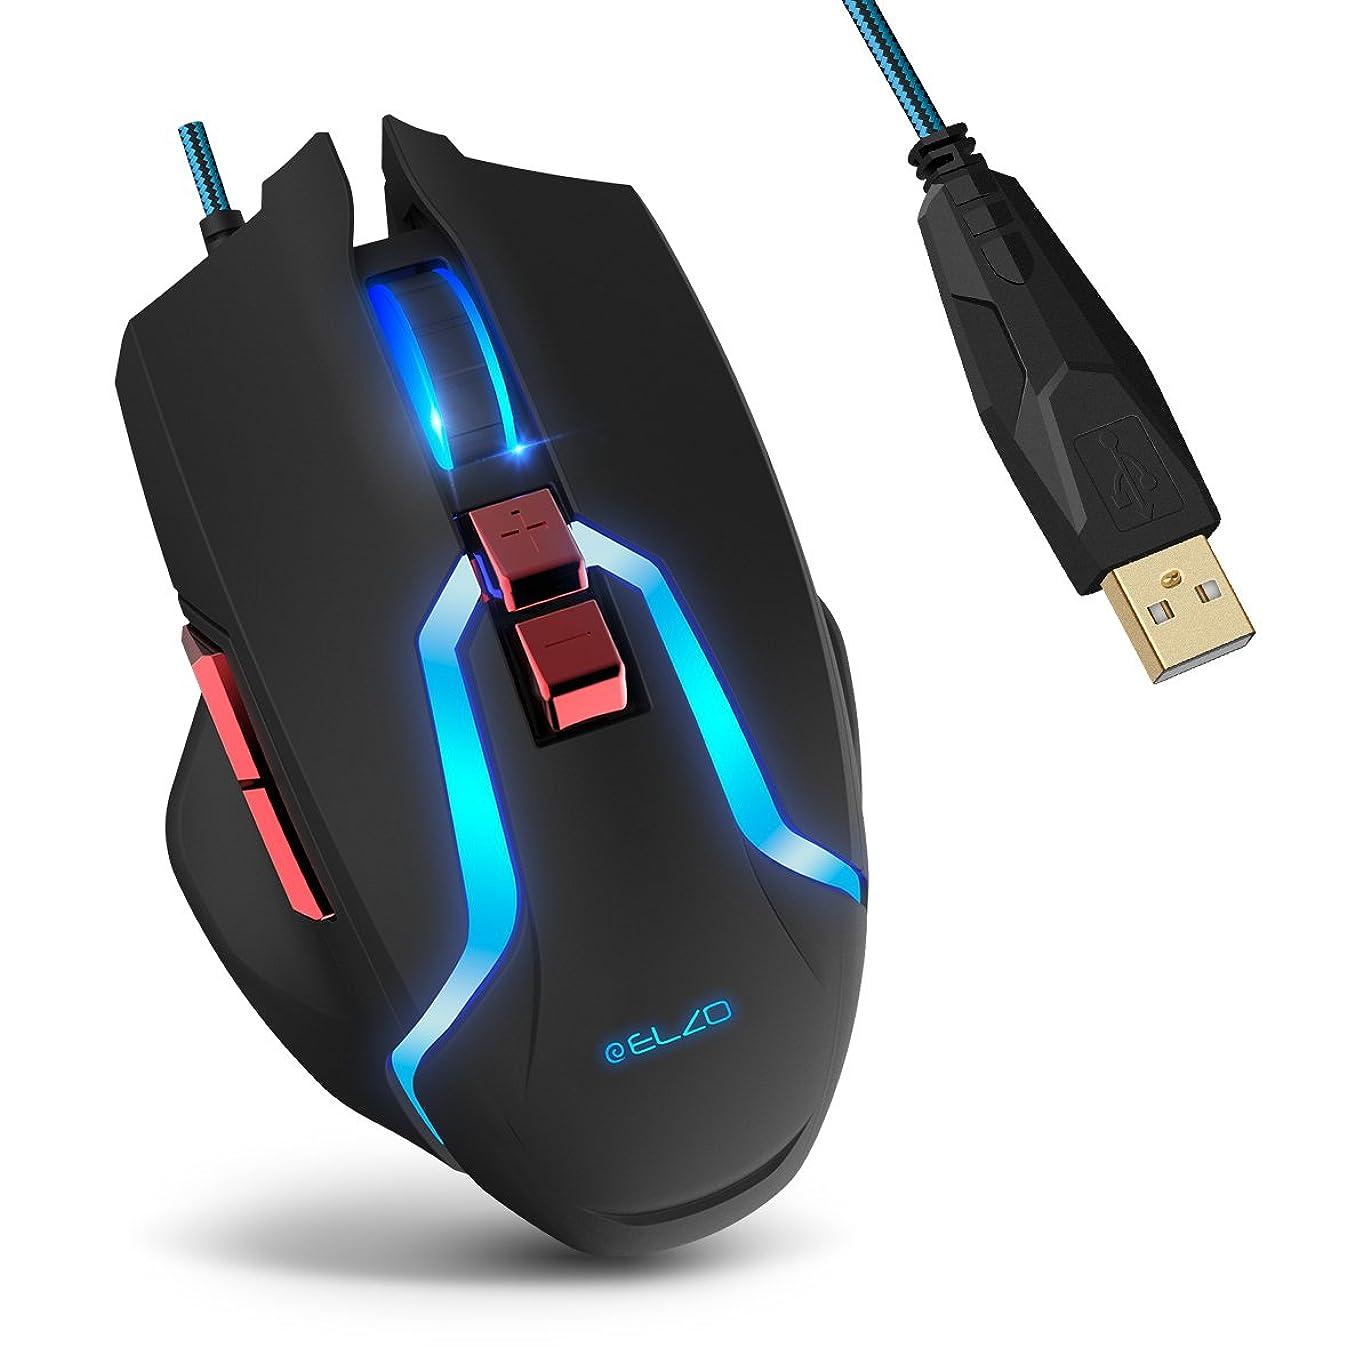 競う人気また明日ねゲームマウス、Elzo光学式USB有線マウス5調節可能なDPIレベル、7ボタンと呼吸ライトfor PC、ノートパソコン、タブレット、コンピュータとMac